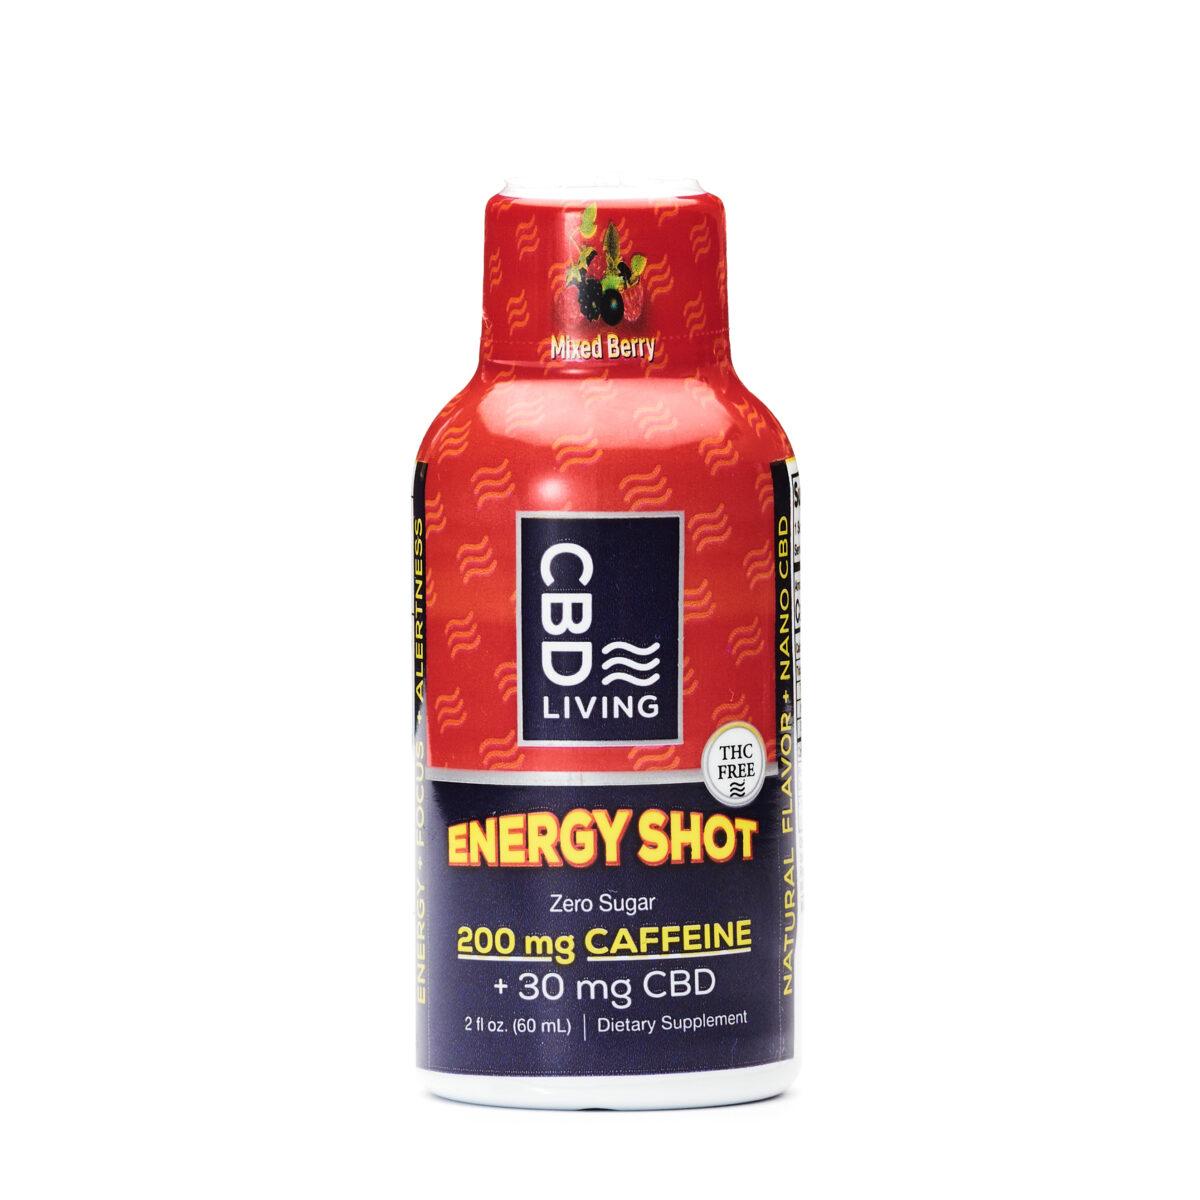 КБД Энергетик, 30мг. CBD в Энергетике, 200 мг. Кофеина, Вкус Ягода, Energy Shot 30 mg CBD Living, США